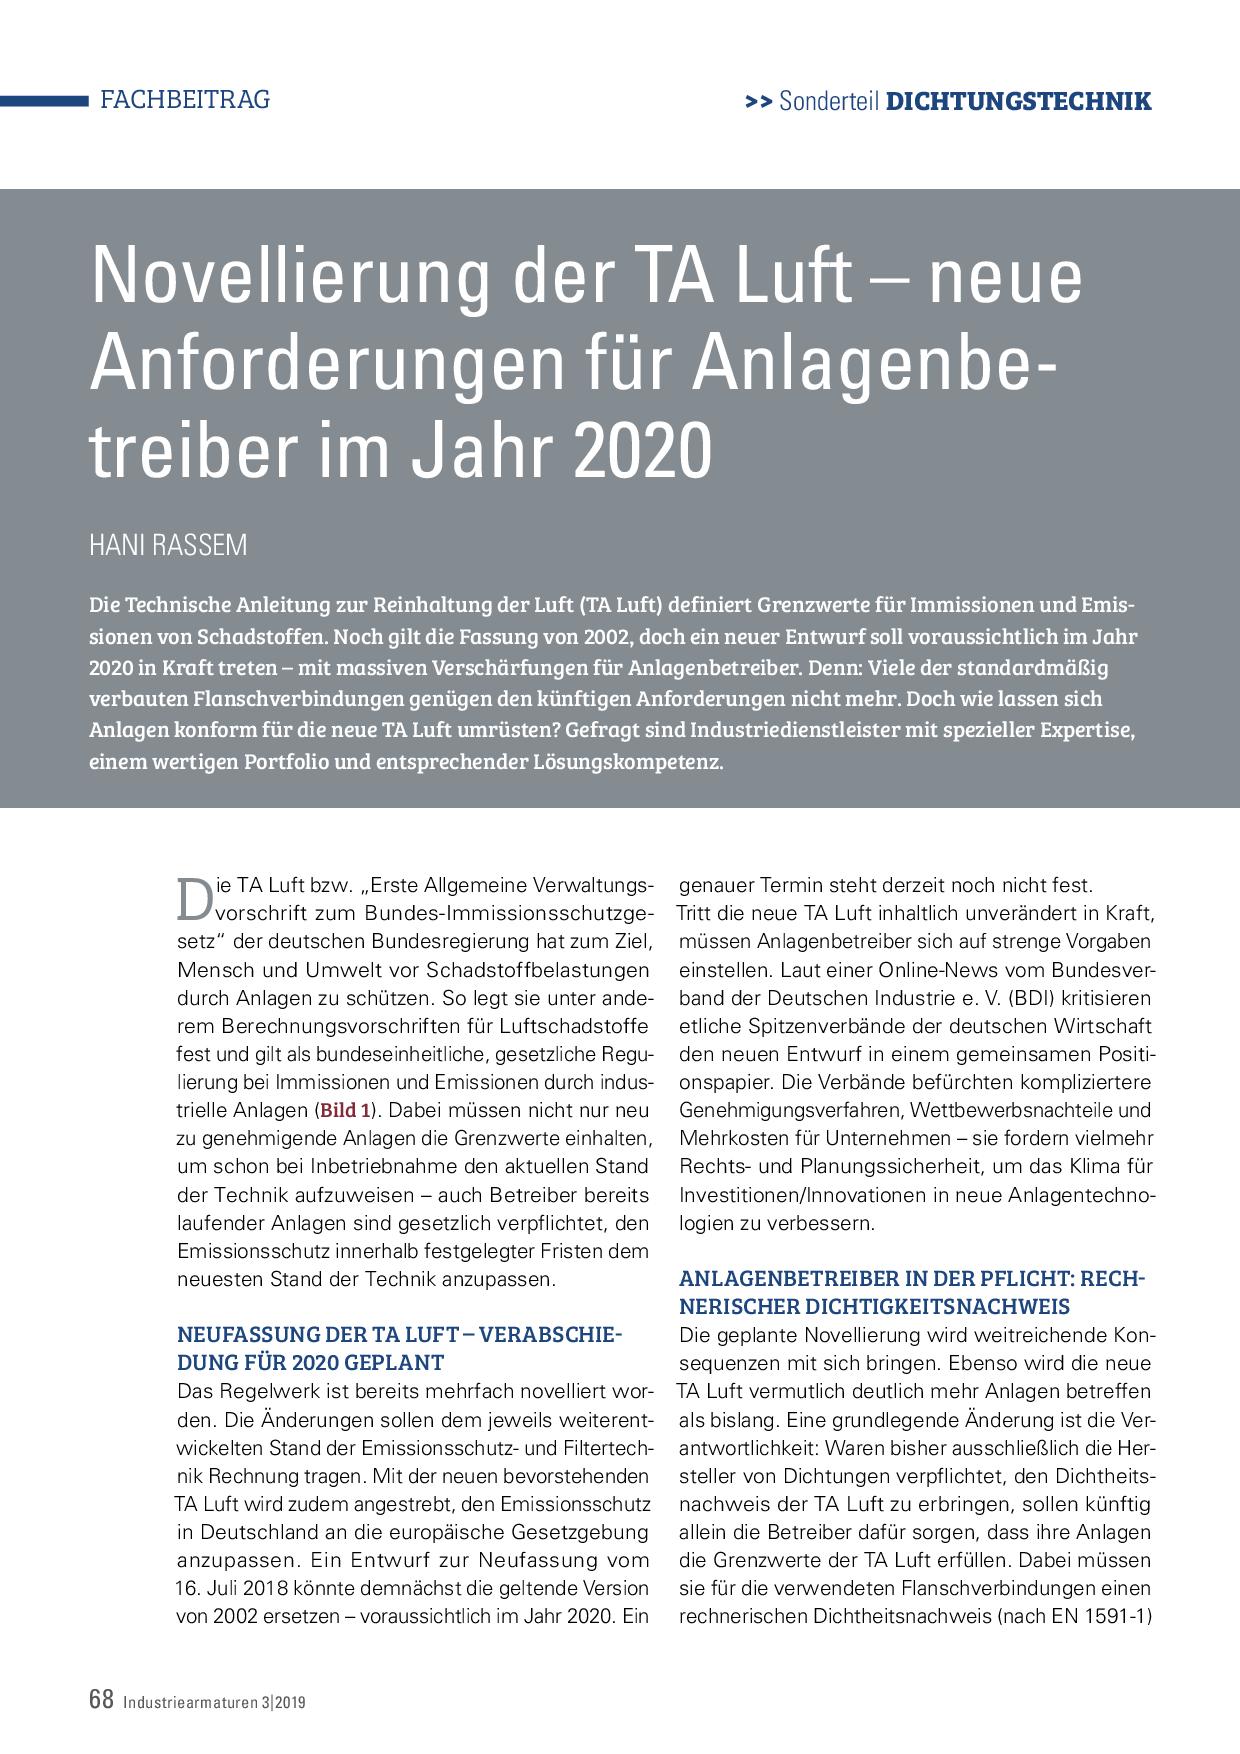 Novellierung der TA Luft – neue Anforderungen für Anlagenbetreiber im Jahr 2020